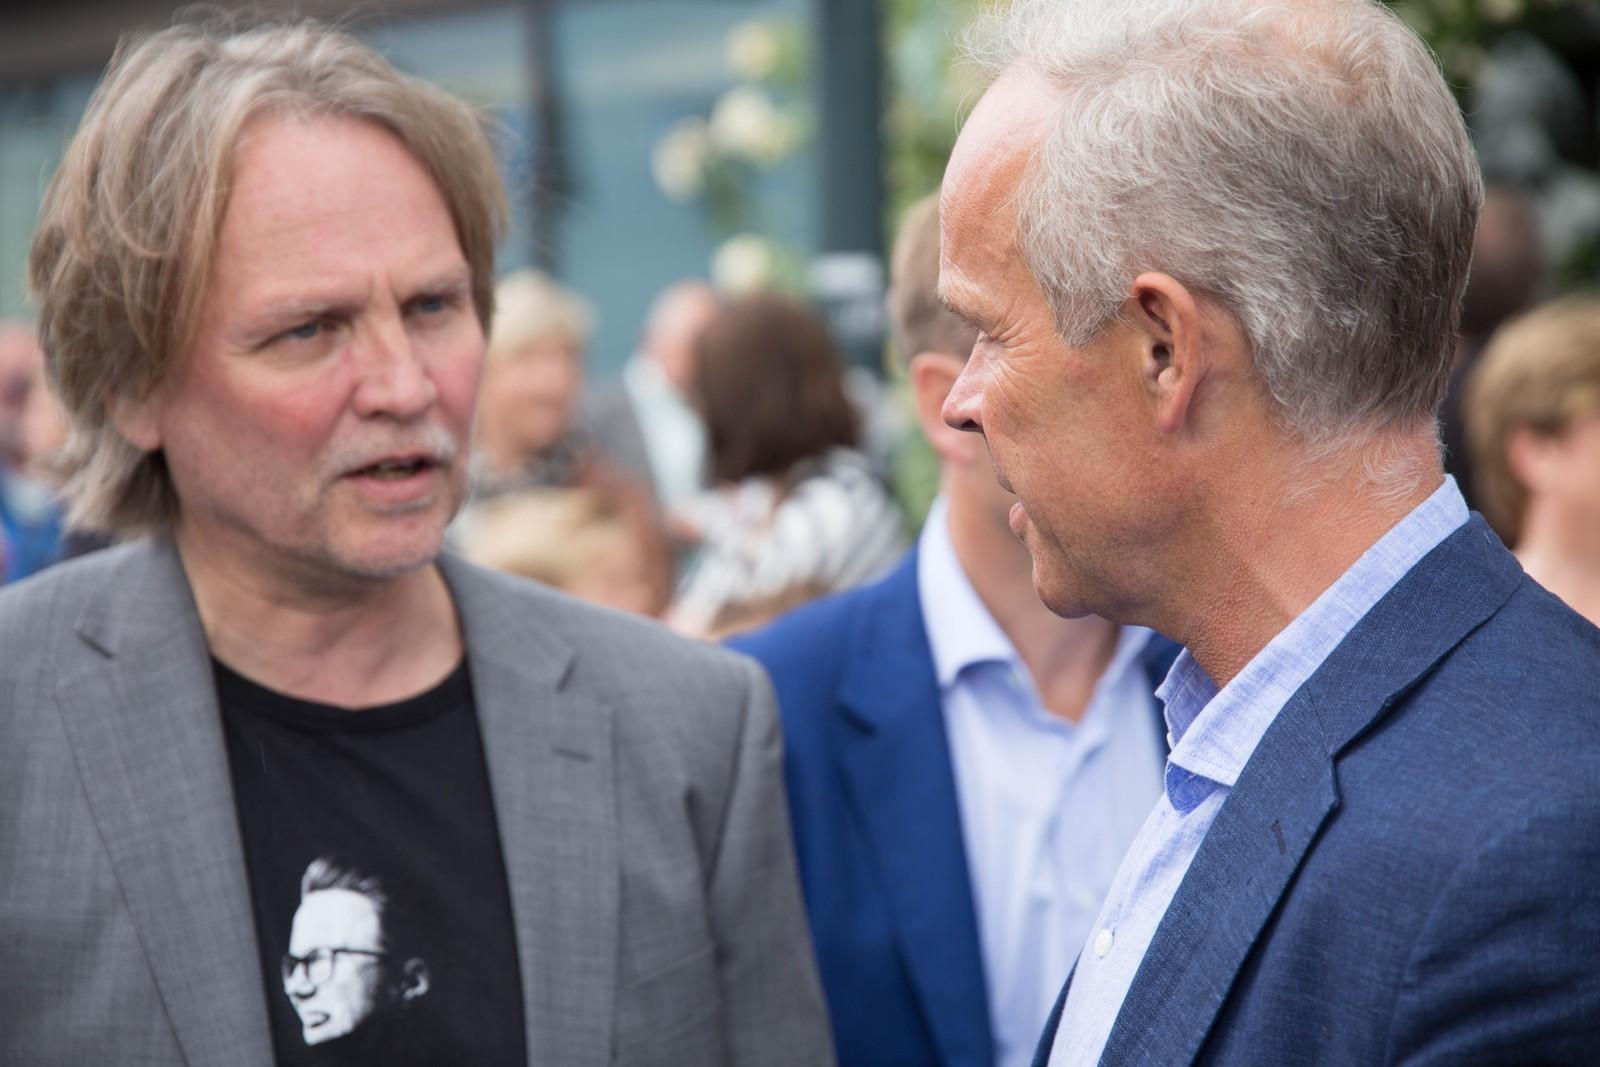 Festivalsjef Hans-Olav Sollie slår av en prat med kommunalminister Jan Tore Sanner før gateparaden starter.